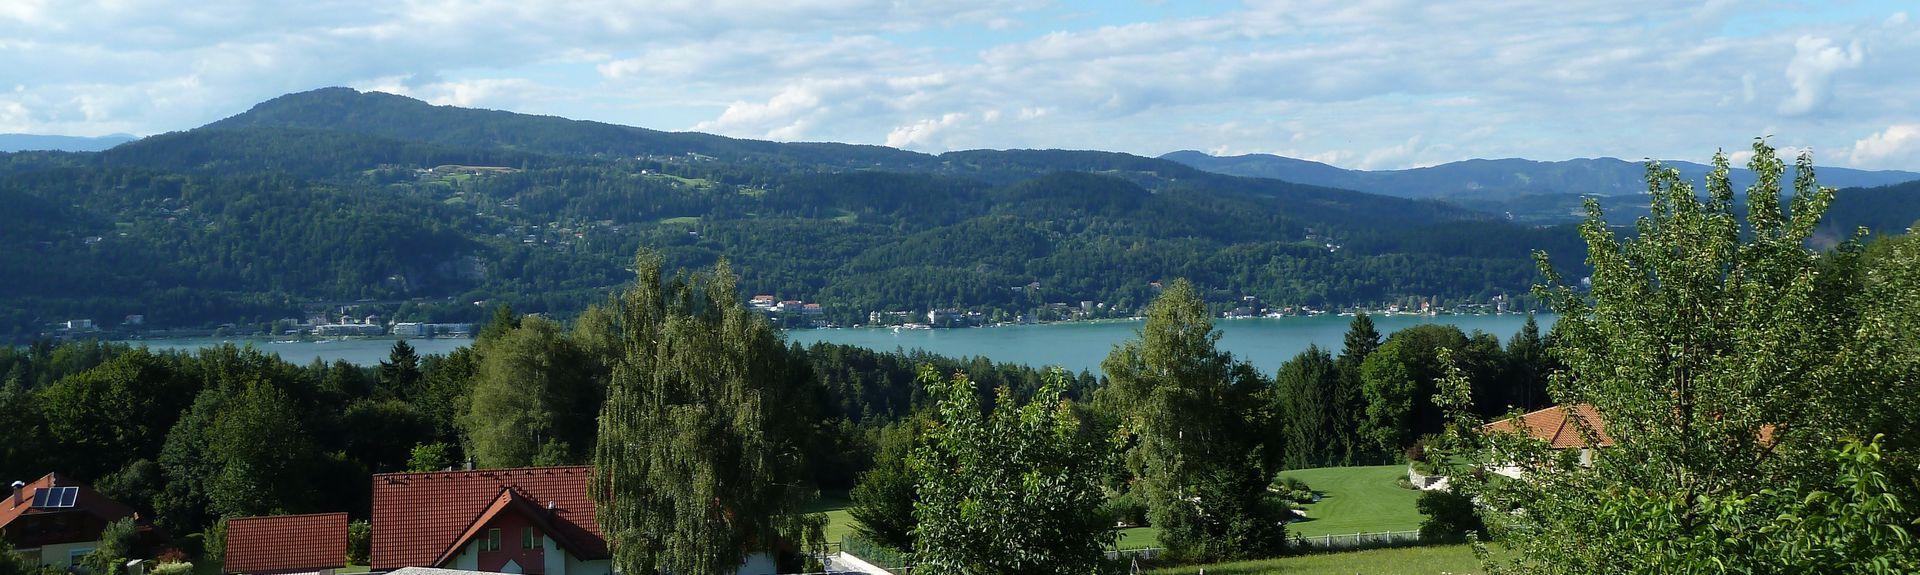 Keutschach am See, Austria